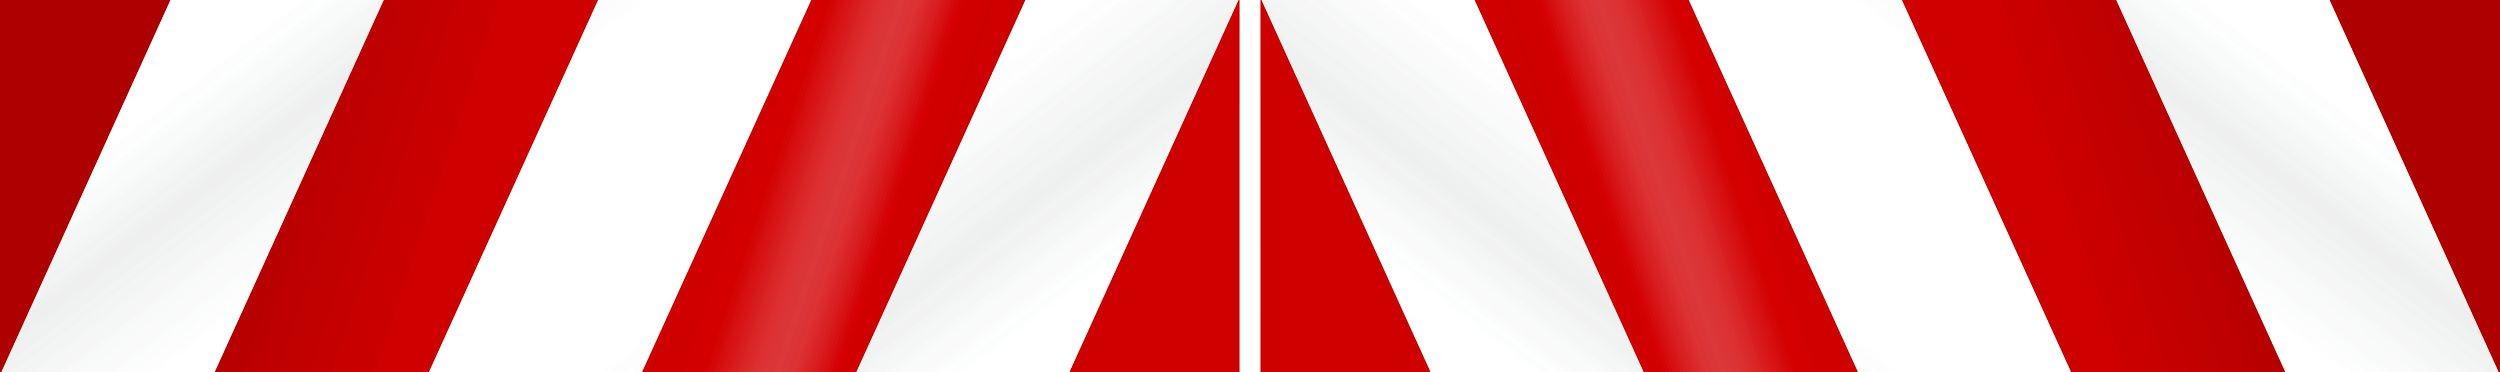 Aufkleber Reflektierender Leuchtbakenstreifen weiß/rot – Bild 1